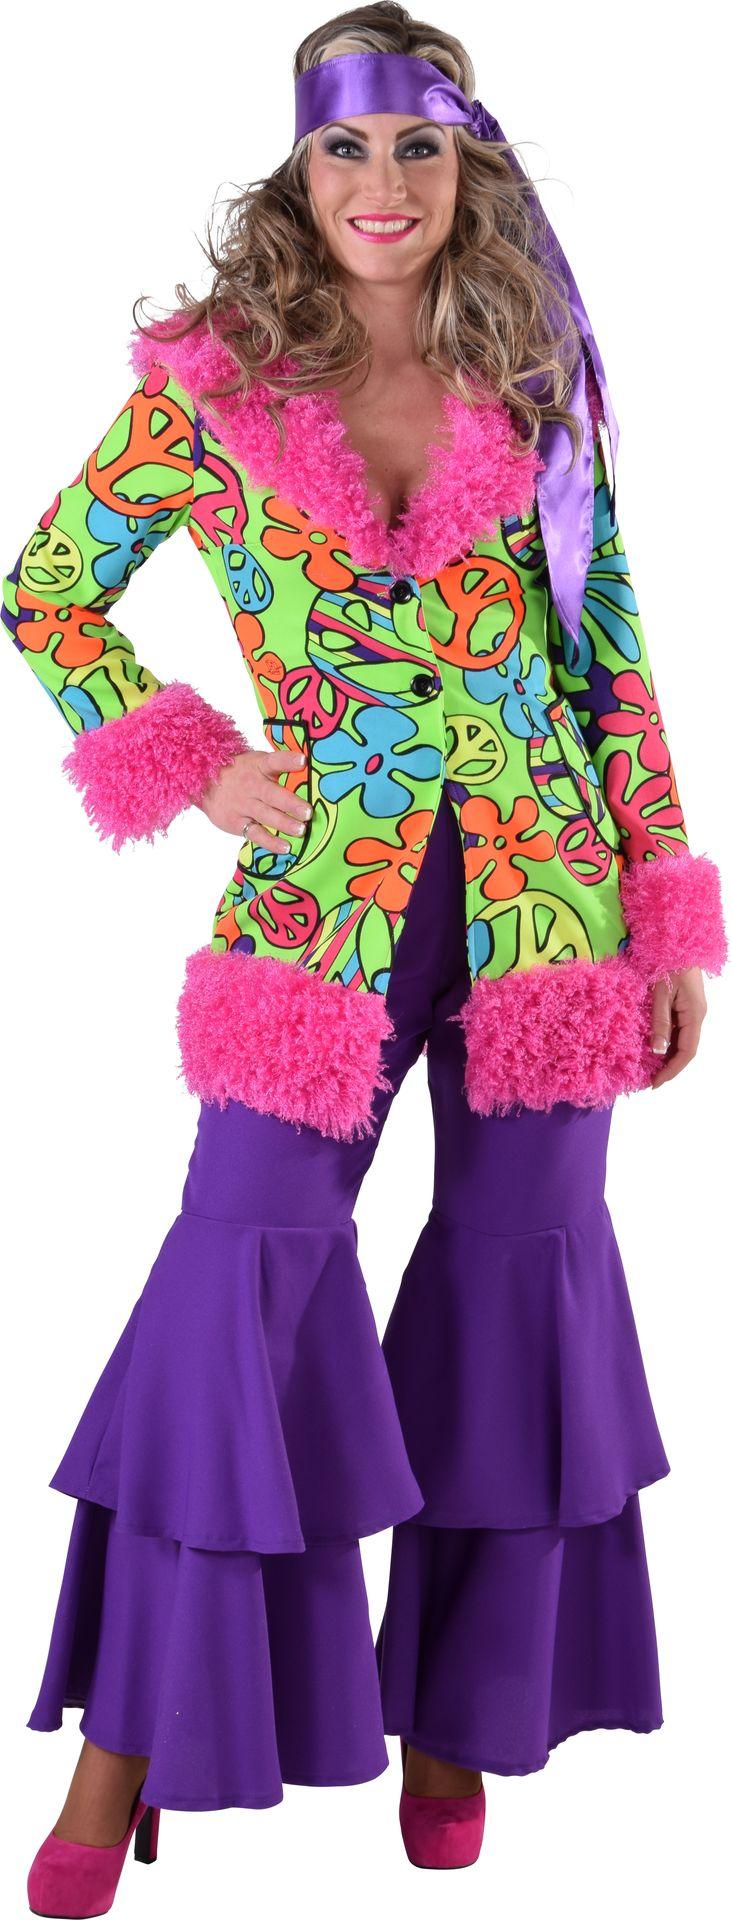 60s mantel hippies vrouwen